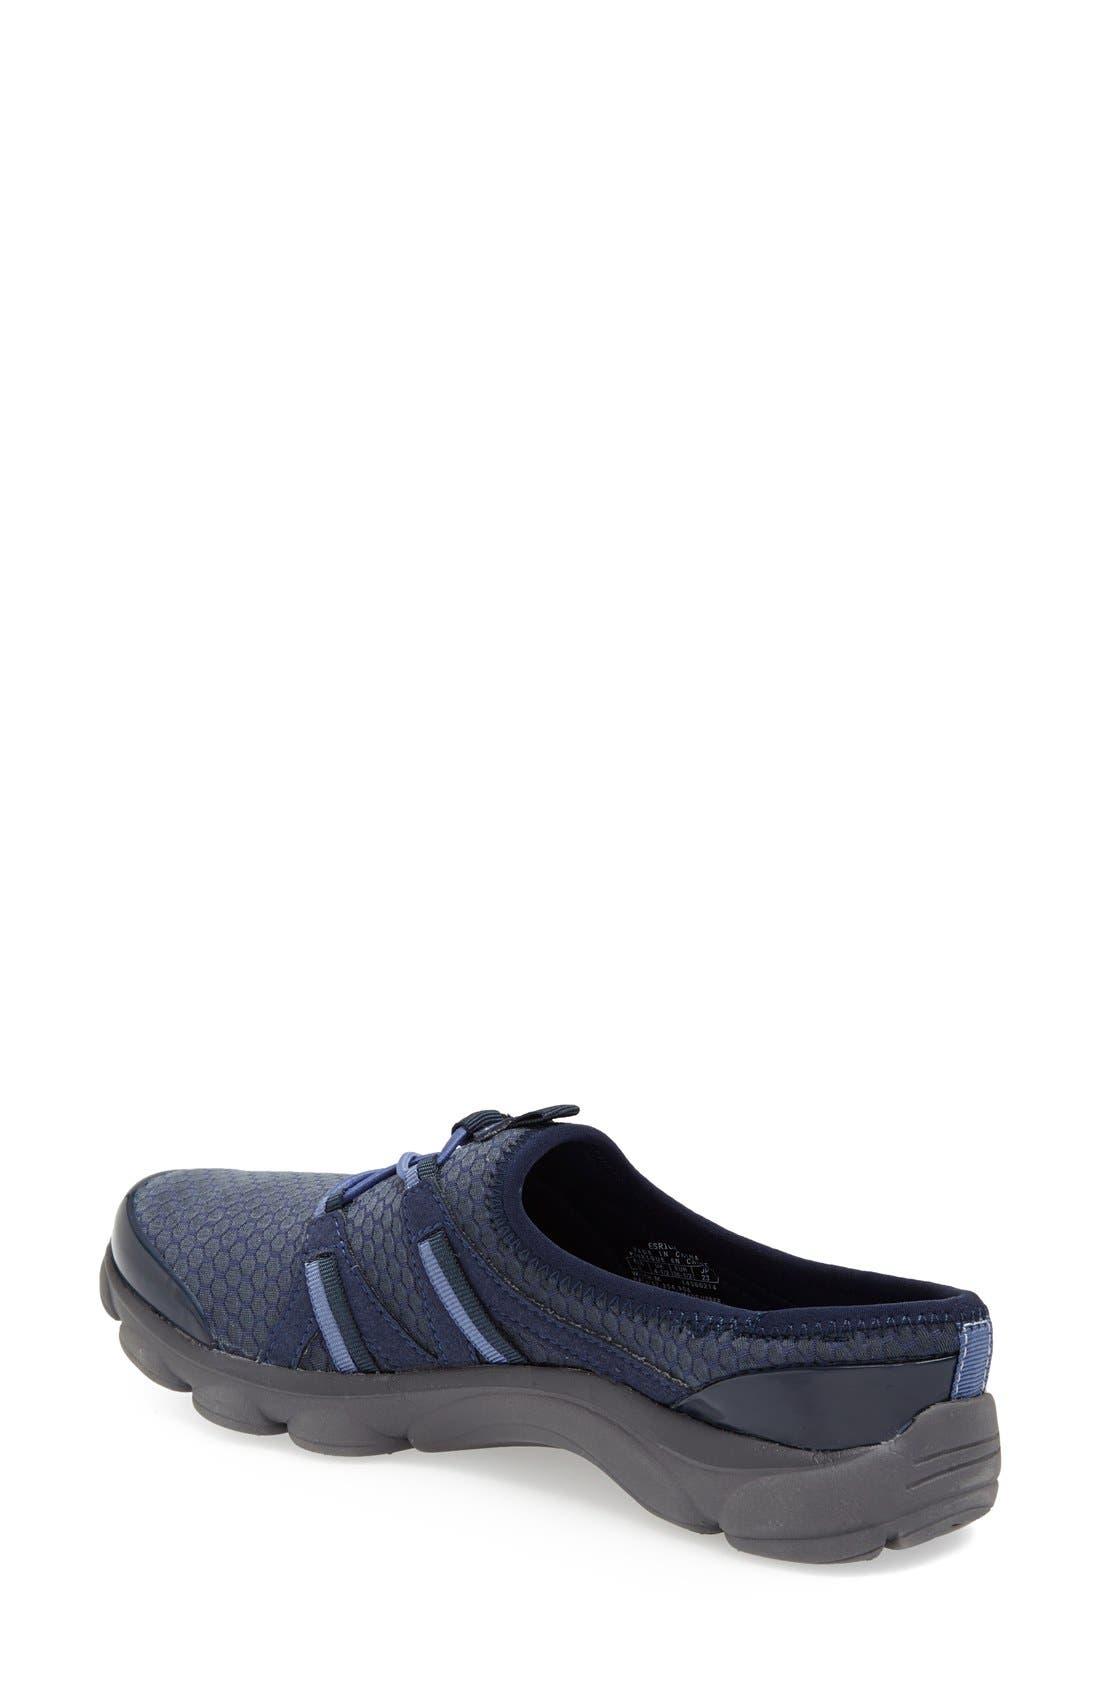 Alternate Image 2  - Easy Spirit 'e360 - Rich' Slip-On Sneaker (Women)